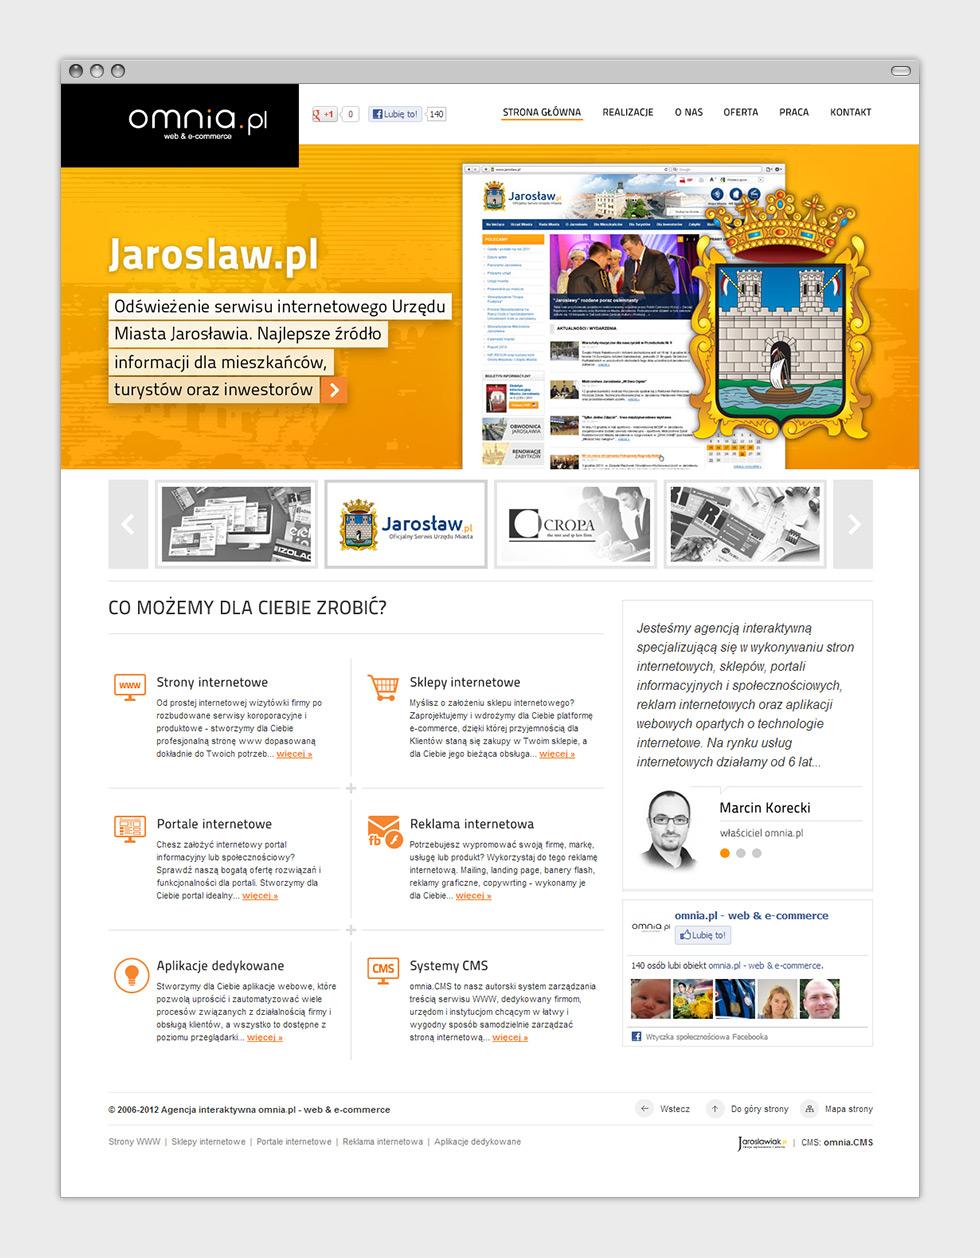 Strona internetowa agencji interaktywnej omnia.pl - strona główna.